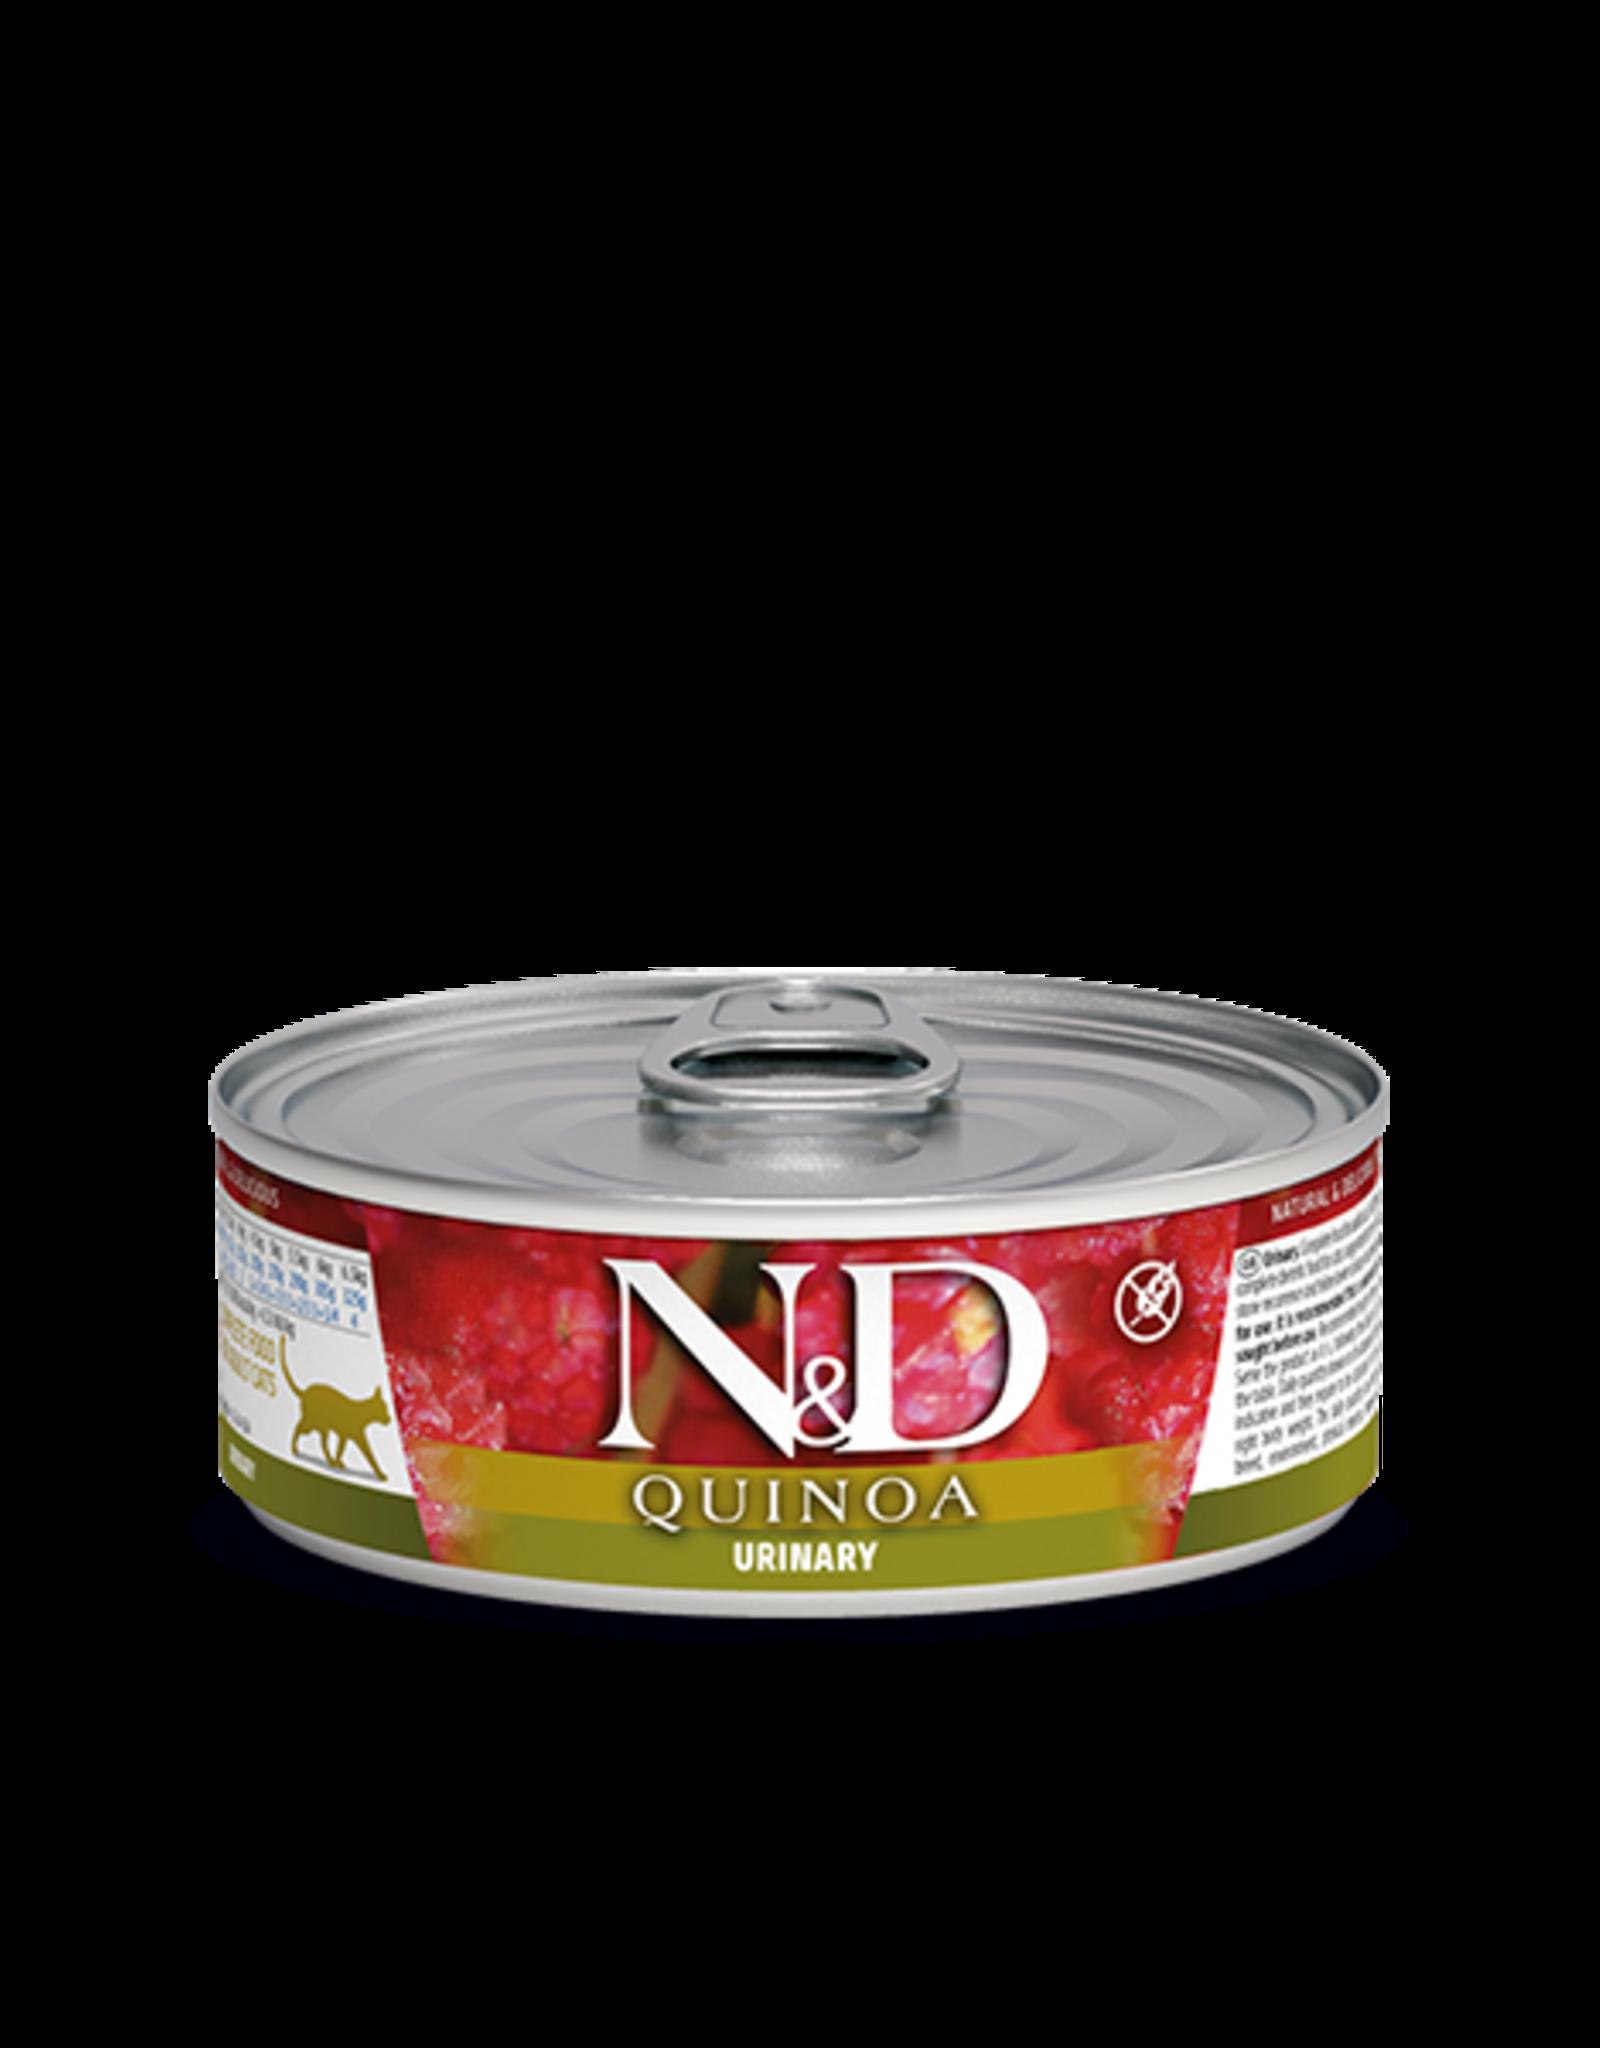 Farmina N&D Farmina N&D Quinoa Urinary Wet Cat Food 2.8oz